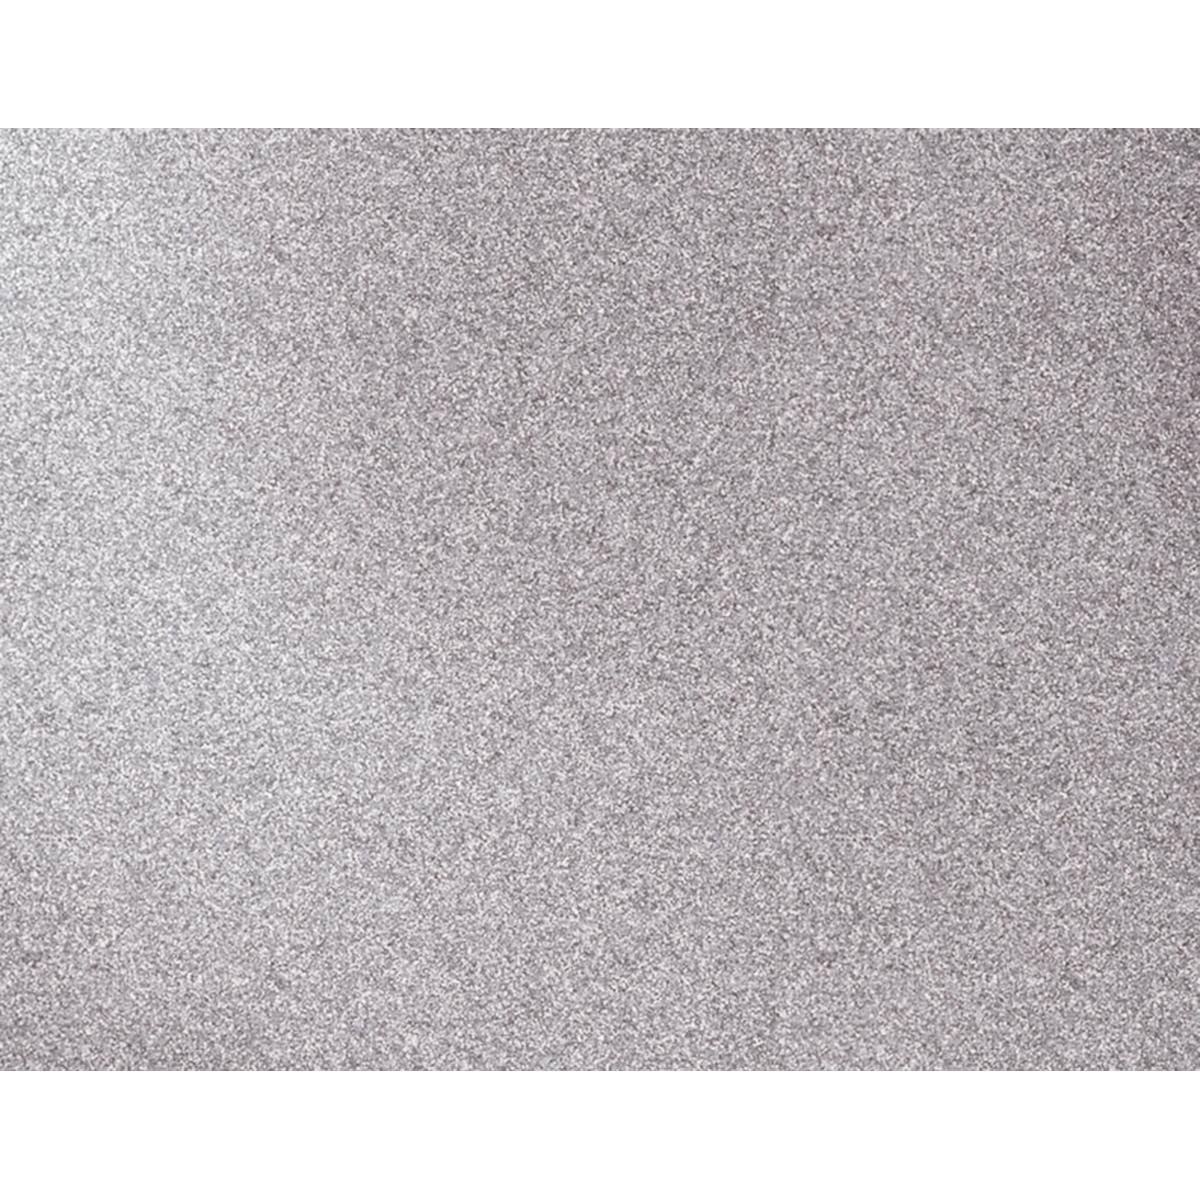 we r designer posterboard 22 x28 silver glitter